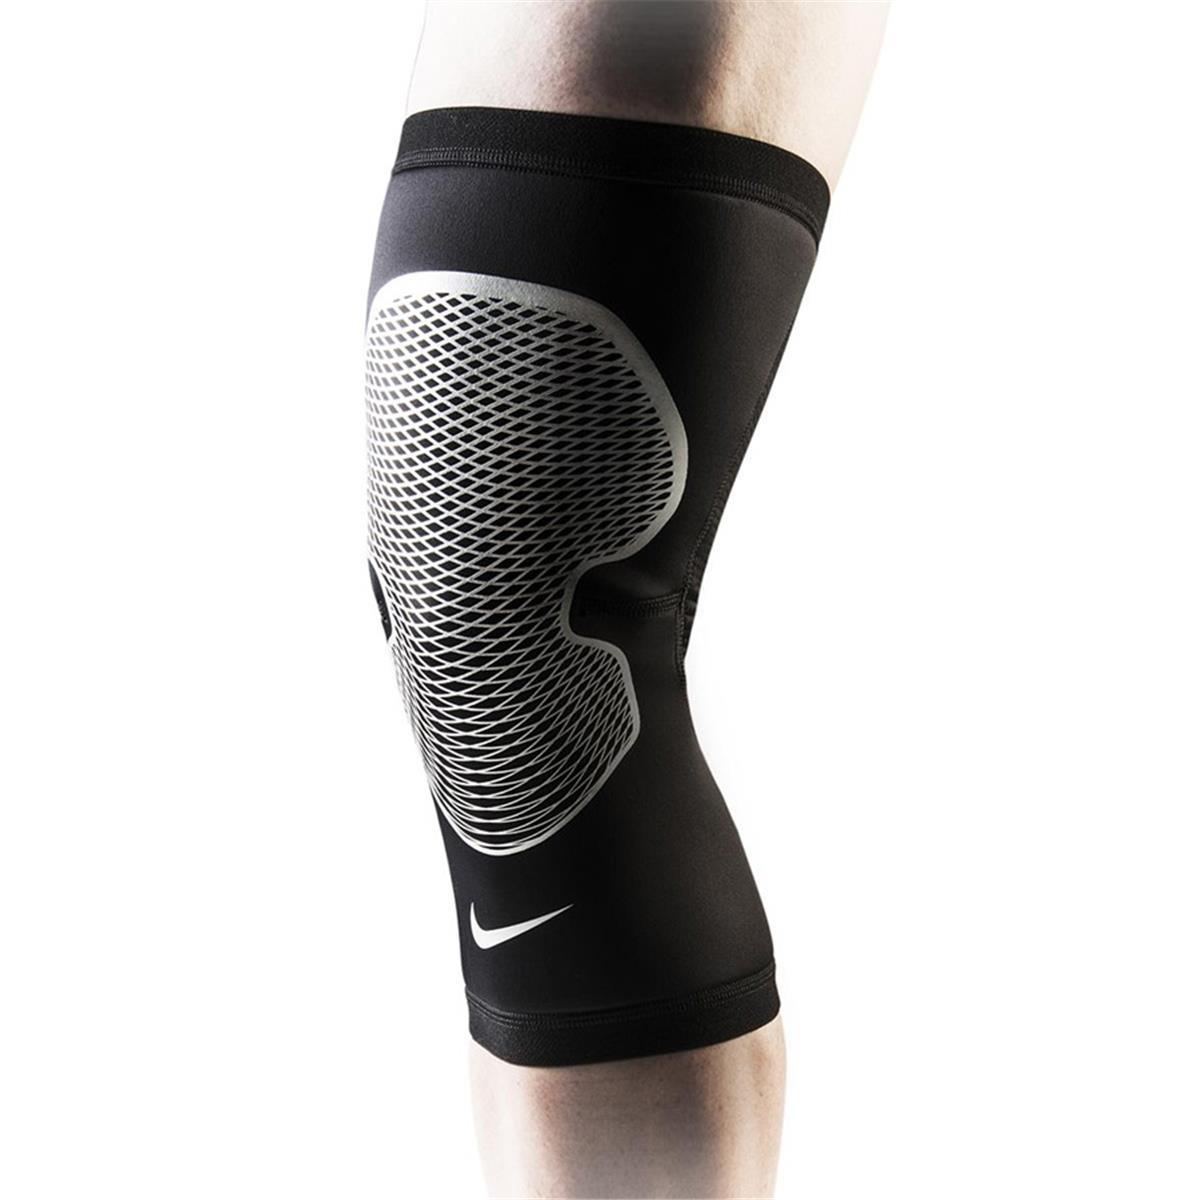 384146b398 Nike Pro Hyperstrong Knee Support 2.0 | directsportseshop.co.uk